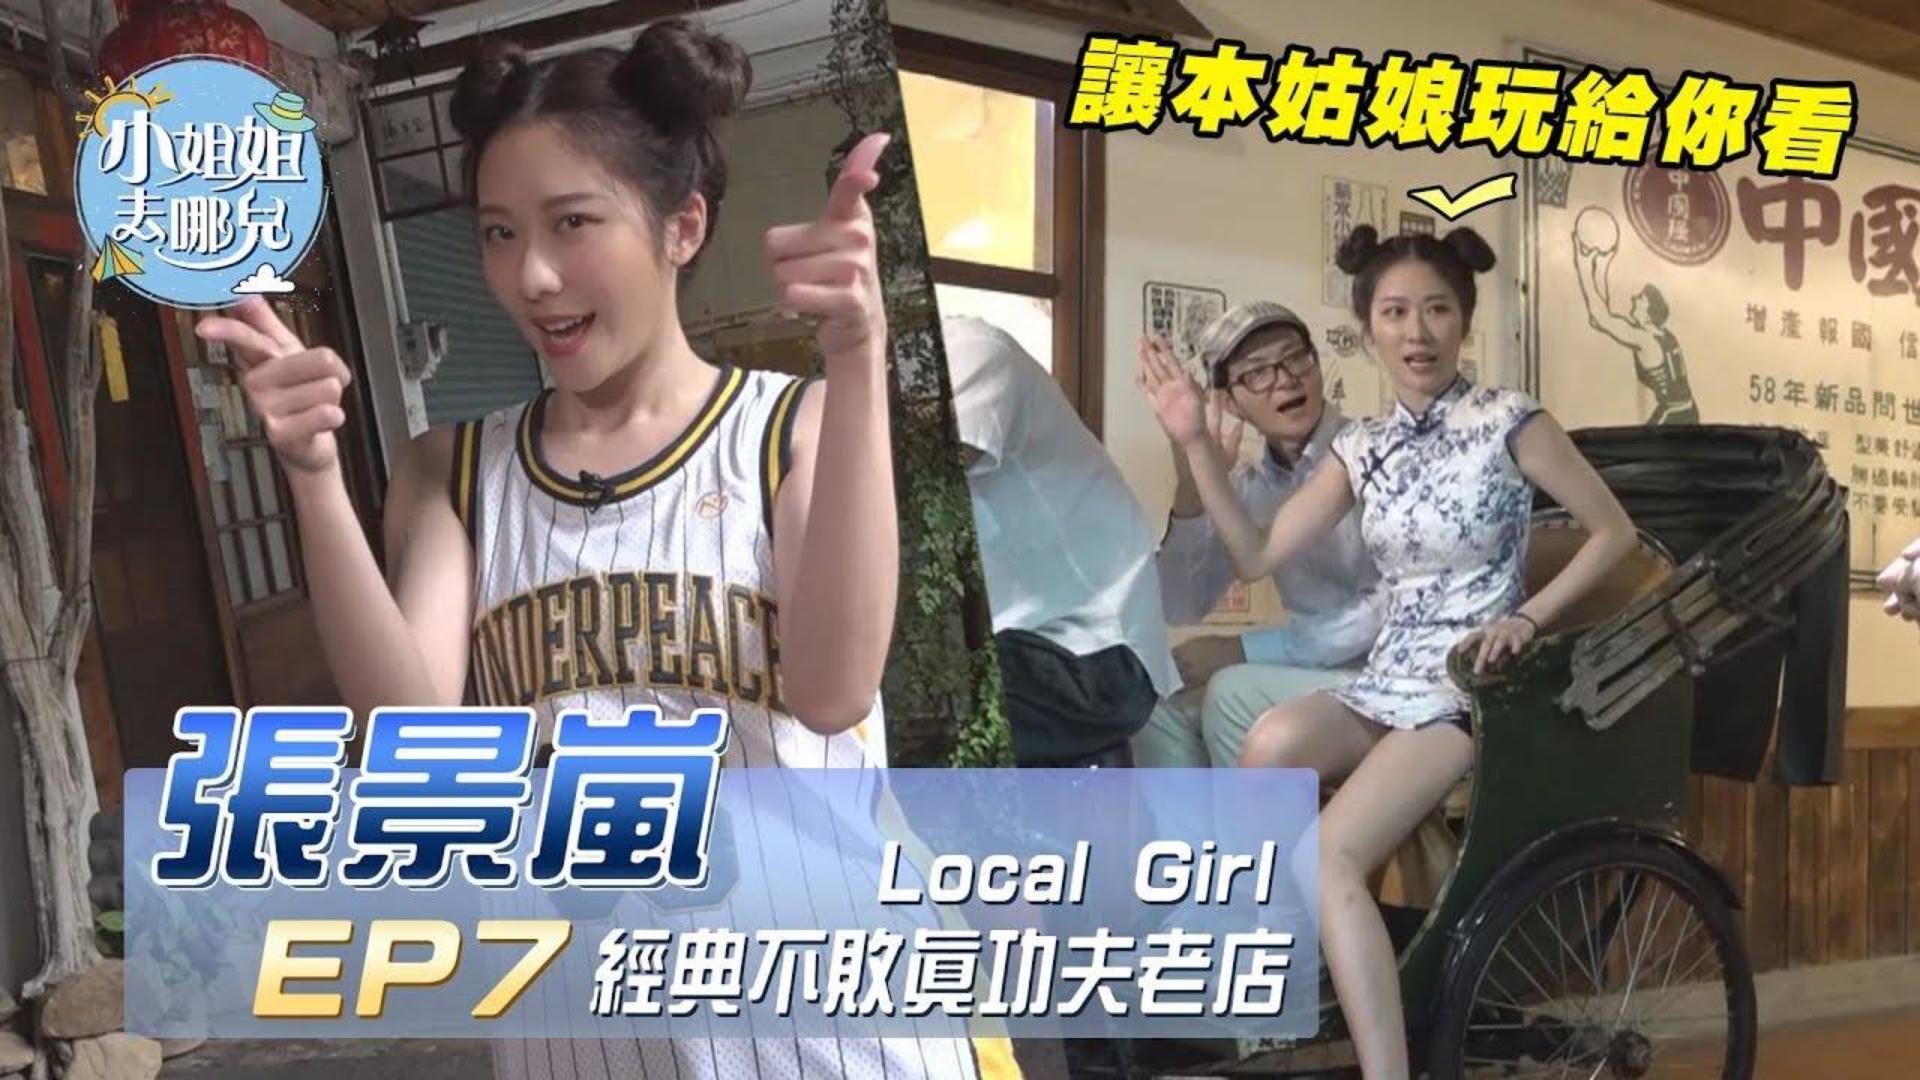 【小姐姐去哪儿】张景岚 Local Girl~经典不败真功夫老店!! EP7